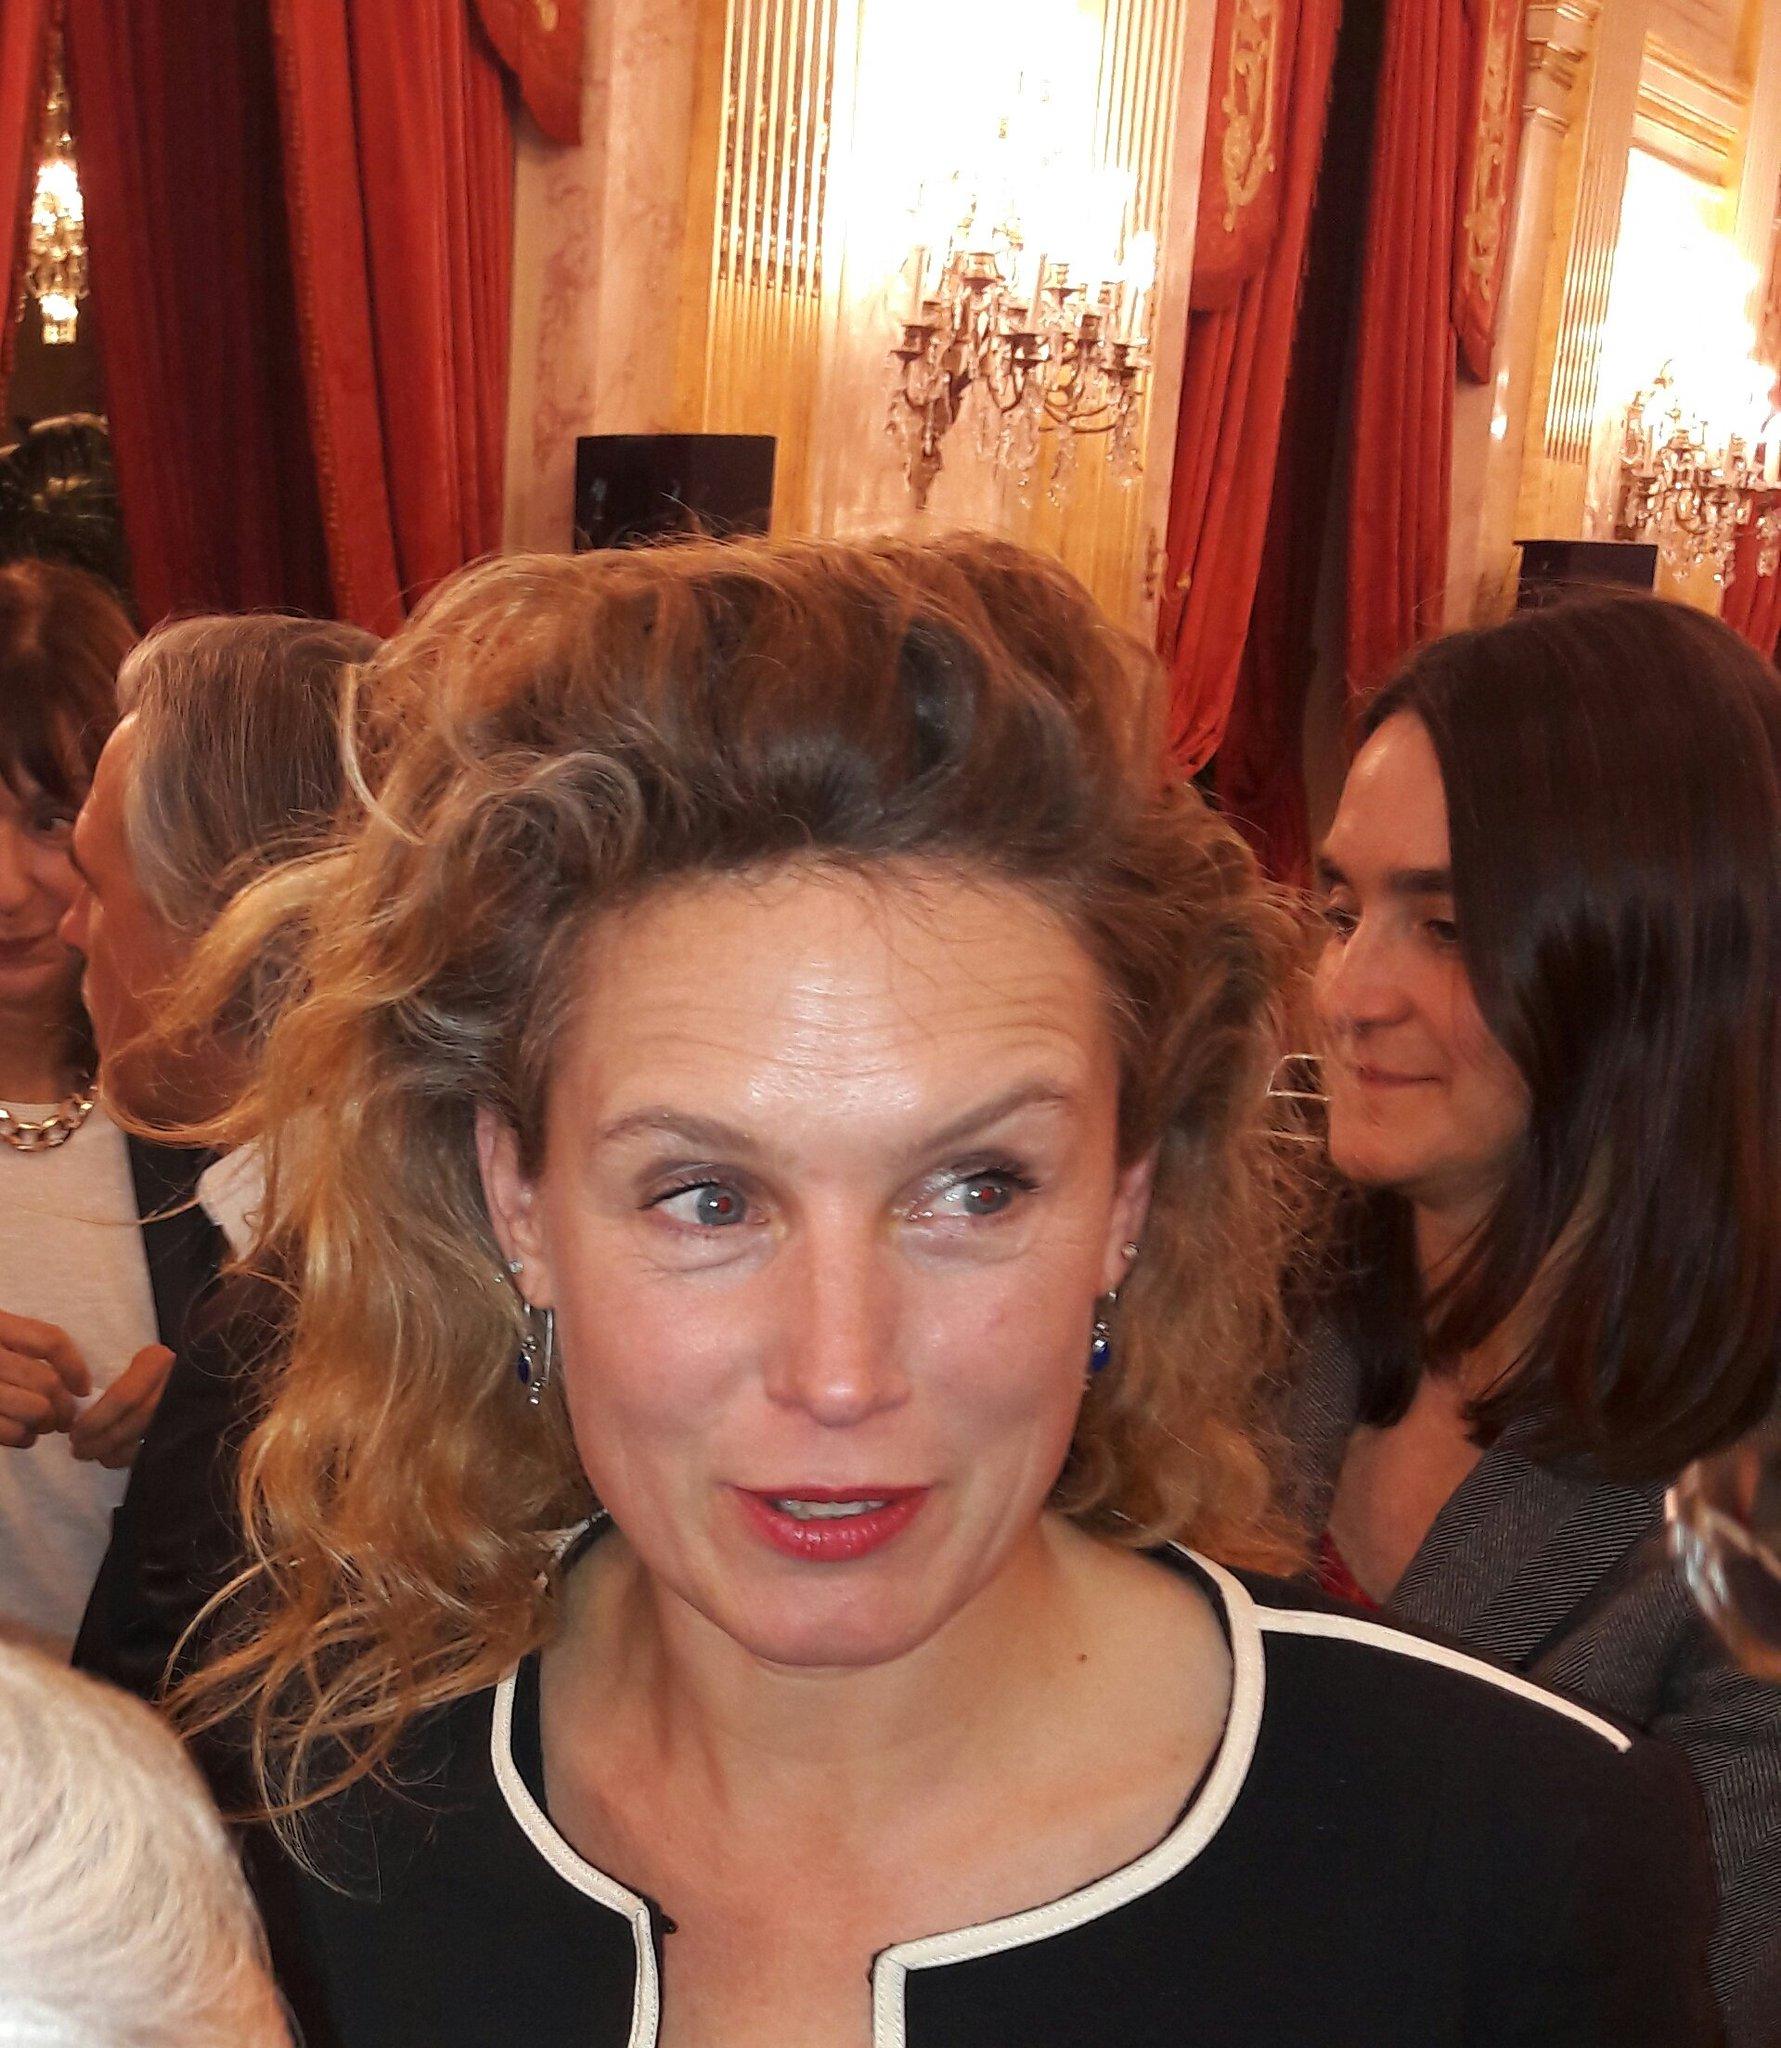 """#prixgrandtemoin Pascale Bourgaux, Prix de la Fondation d'entreprise LFM pour """"Moi, Viyan, combattante contre Daech"""" @EditionsFayard https://t.co/tNTZgYljS0"""